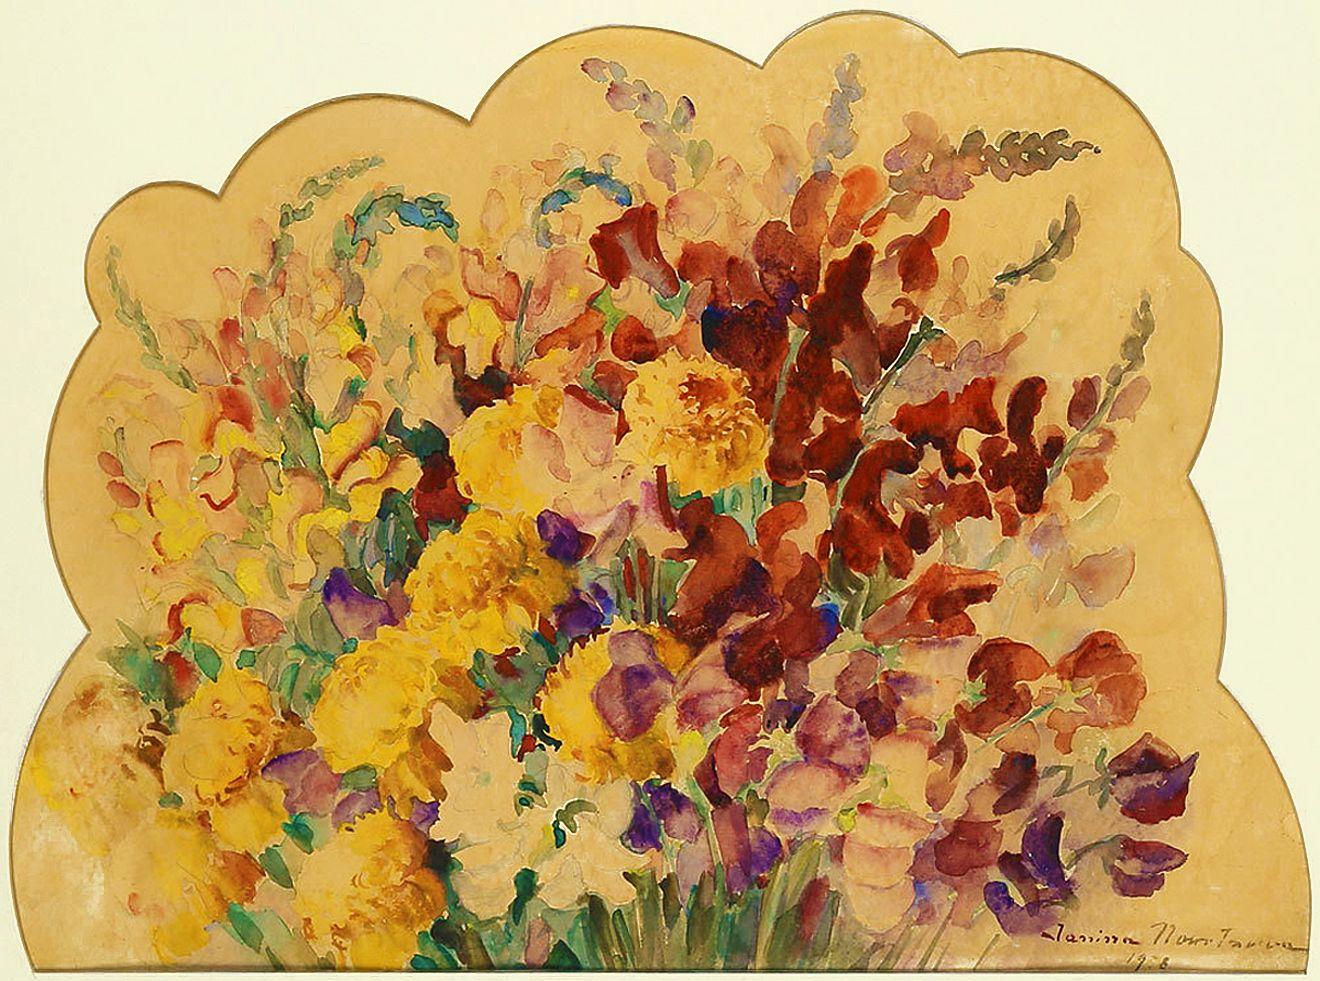 Яніна Новотнова. Букет квітів, 1938; папір, акварель